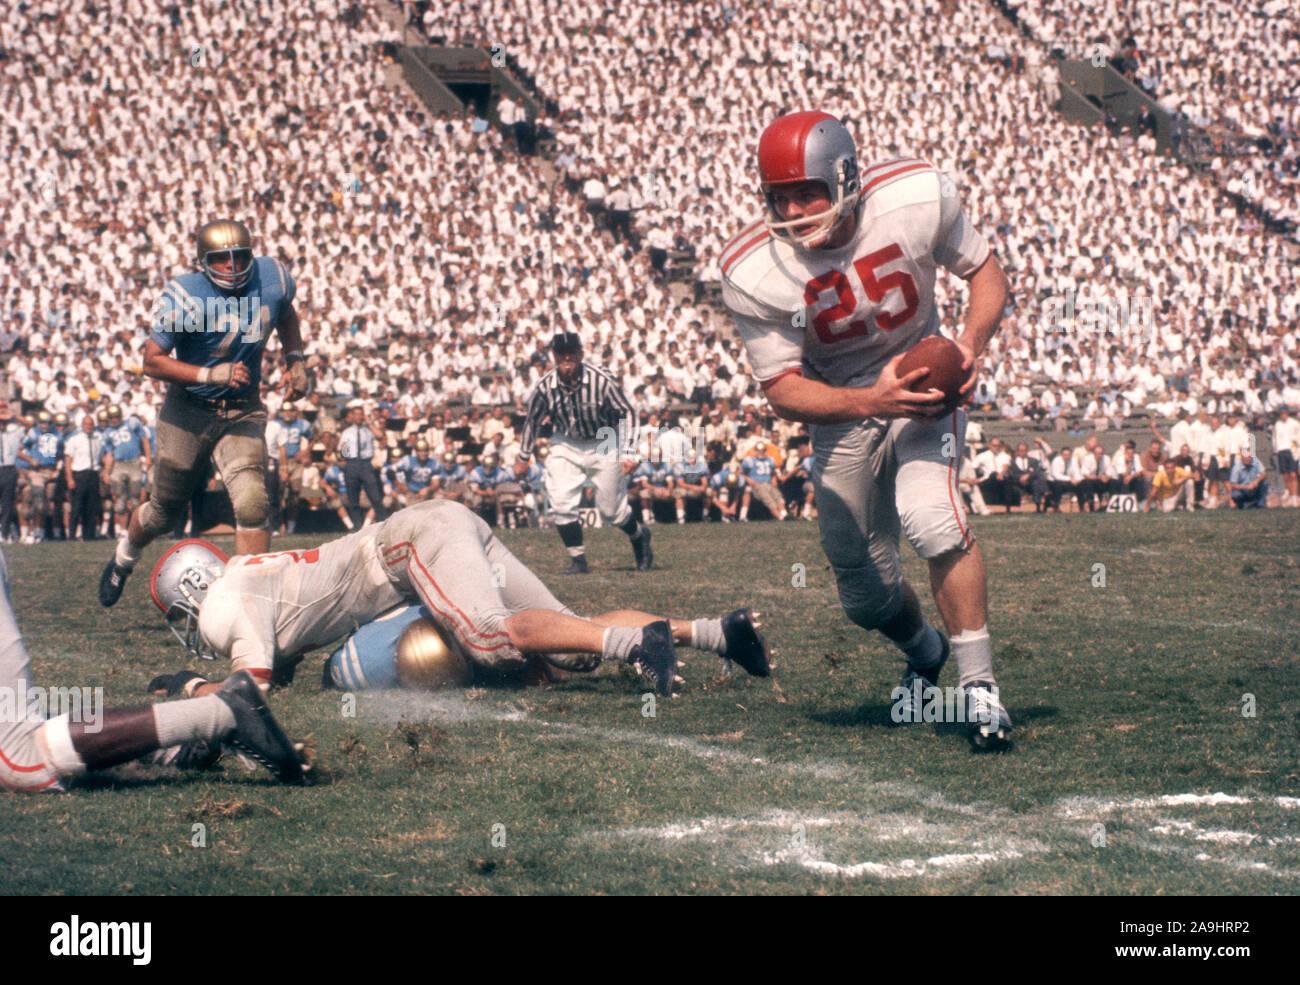 LOS ANGELES, CA - 6 de octubre: John Mummey #25 de la Ohio State Buckeyes corre con el balón durante un partido contra el NCAA UCLA Bruins en Octubre 6, 1962 en el Los Angeles Memorial Coliseum en Los Angeles, California. (Foto por Hy Peskin) (número de registro: X8760) *** Local Caption *** John Mummey Foto de stock